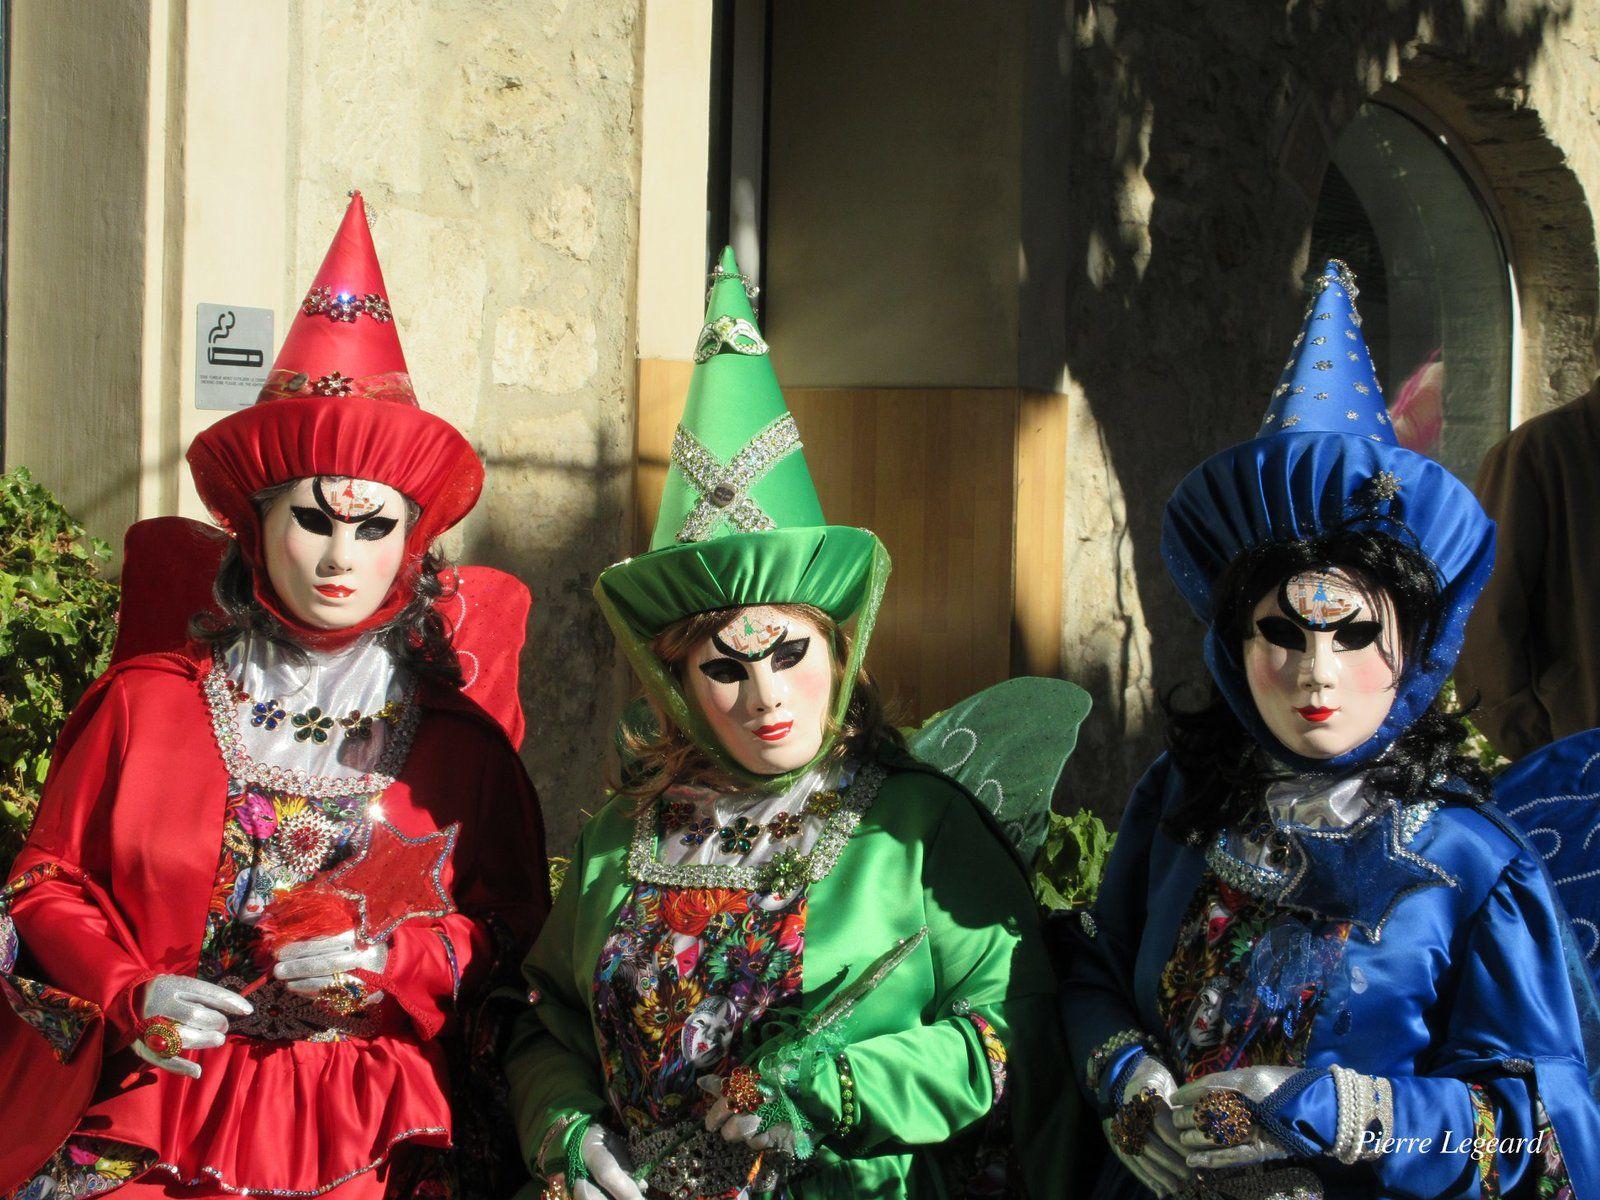 Parade Vénitienne PEYRIAC DE MER